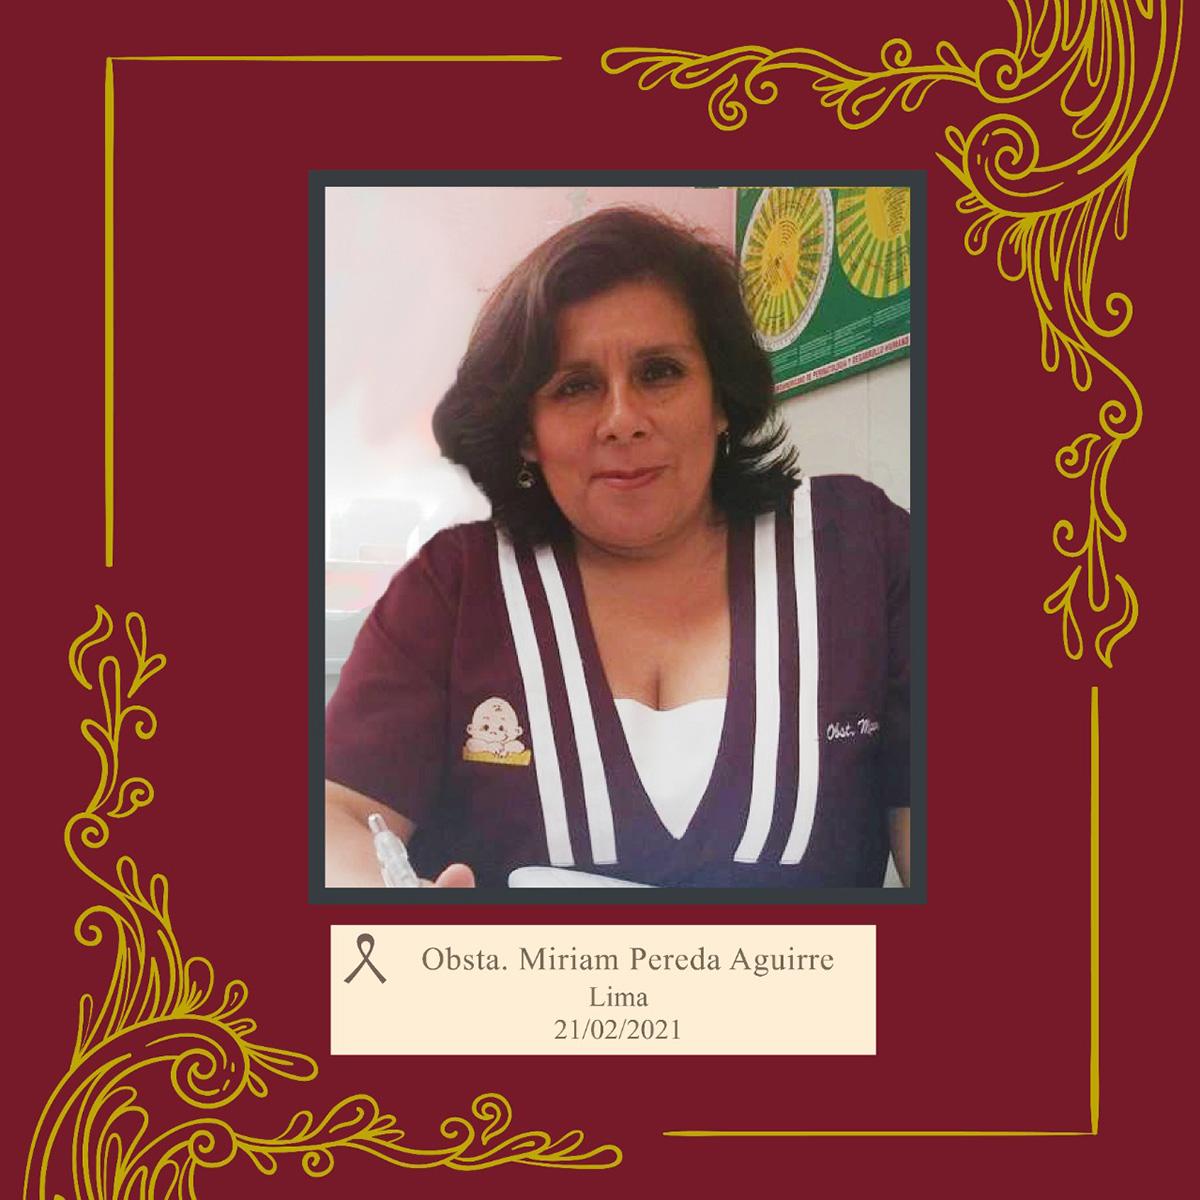 Miriam Pereda Aguirre